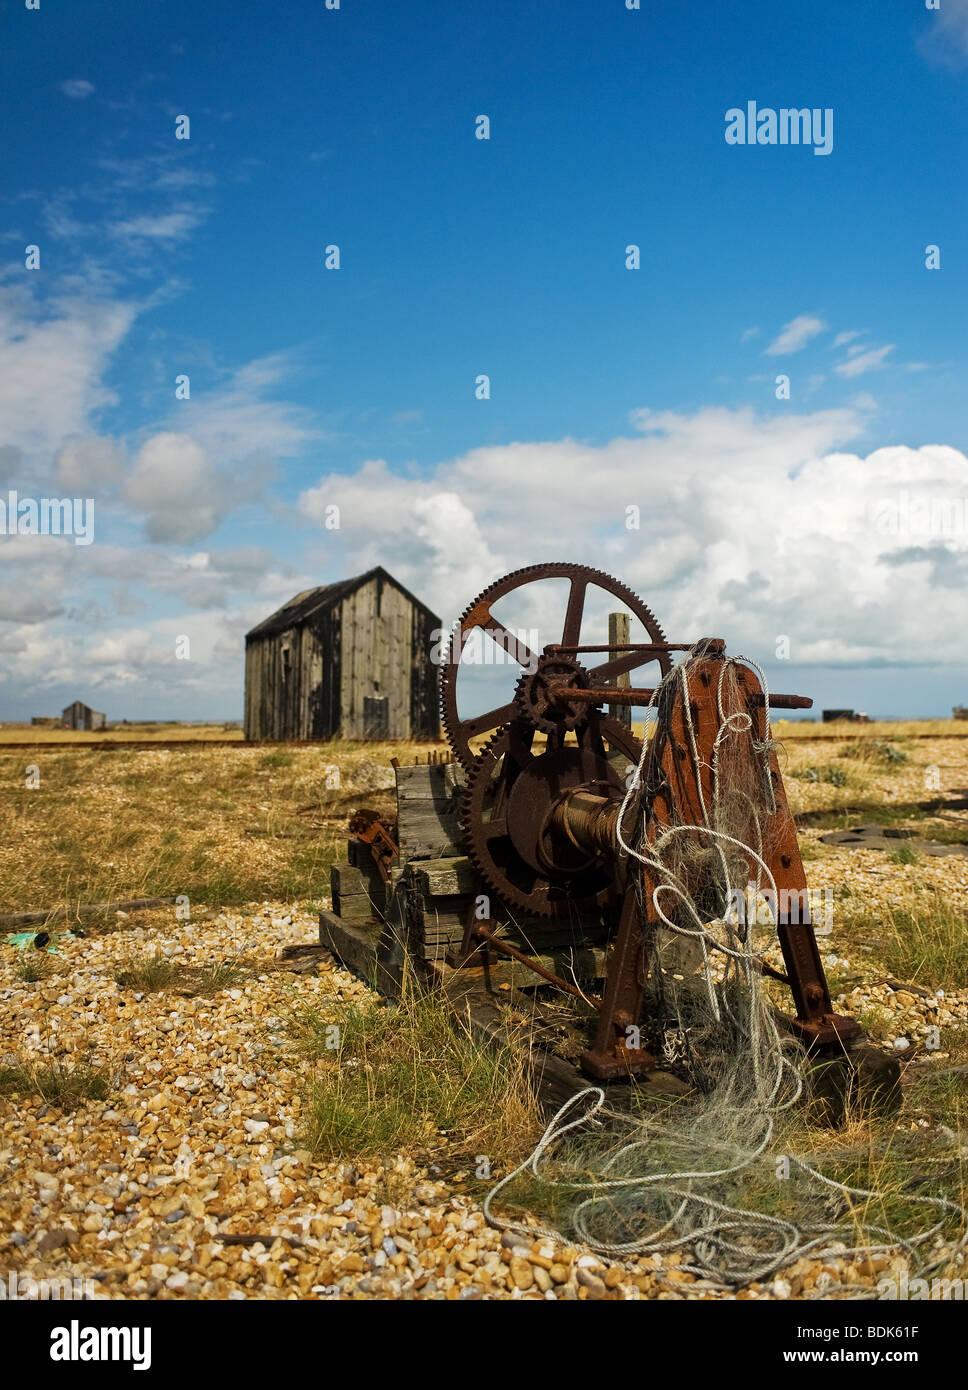 Rusty abandonnés les machines et cabanes de bois sur la plage de galets à Dungeness, dans le Kent. Photo Stock